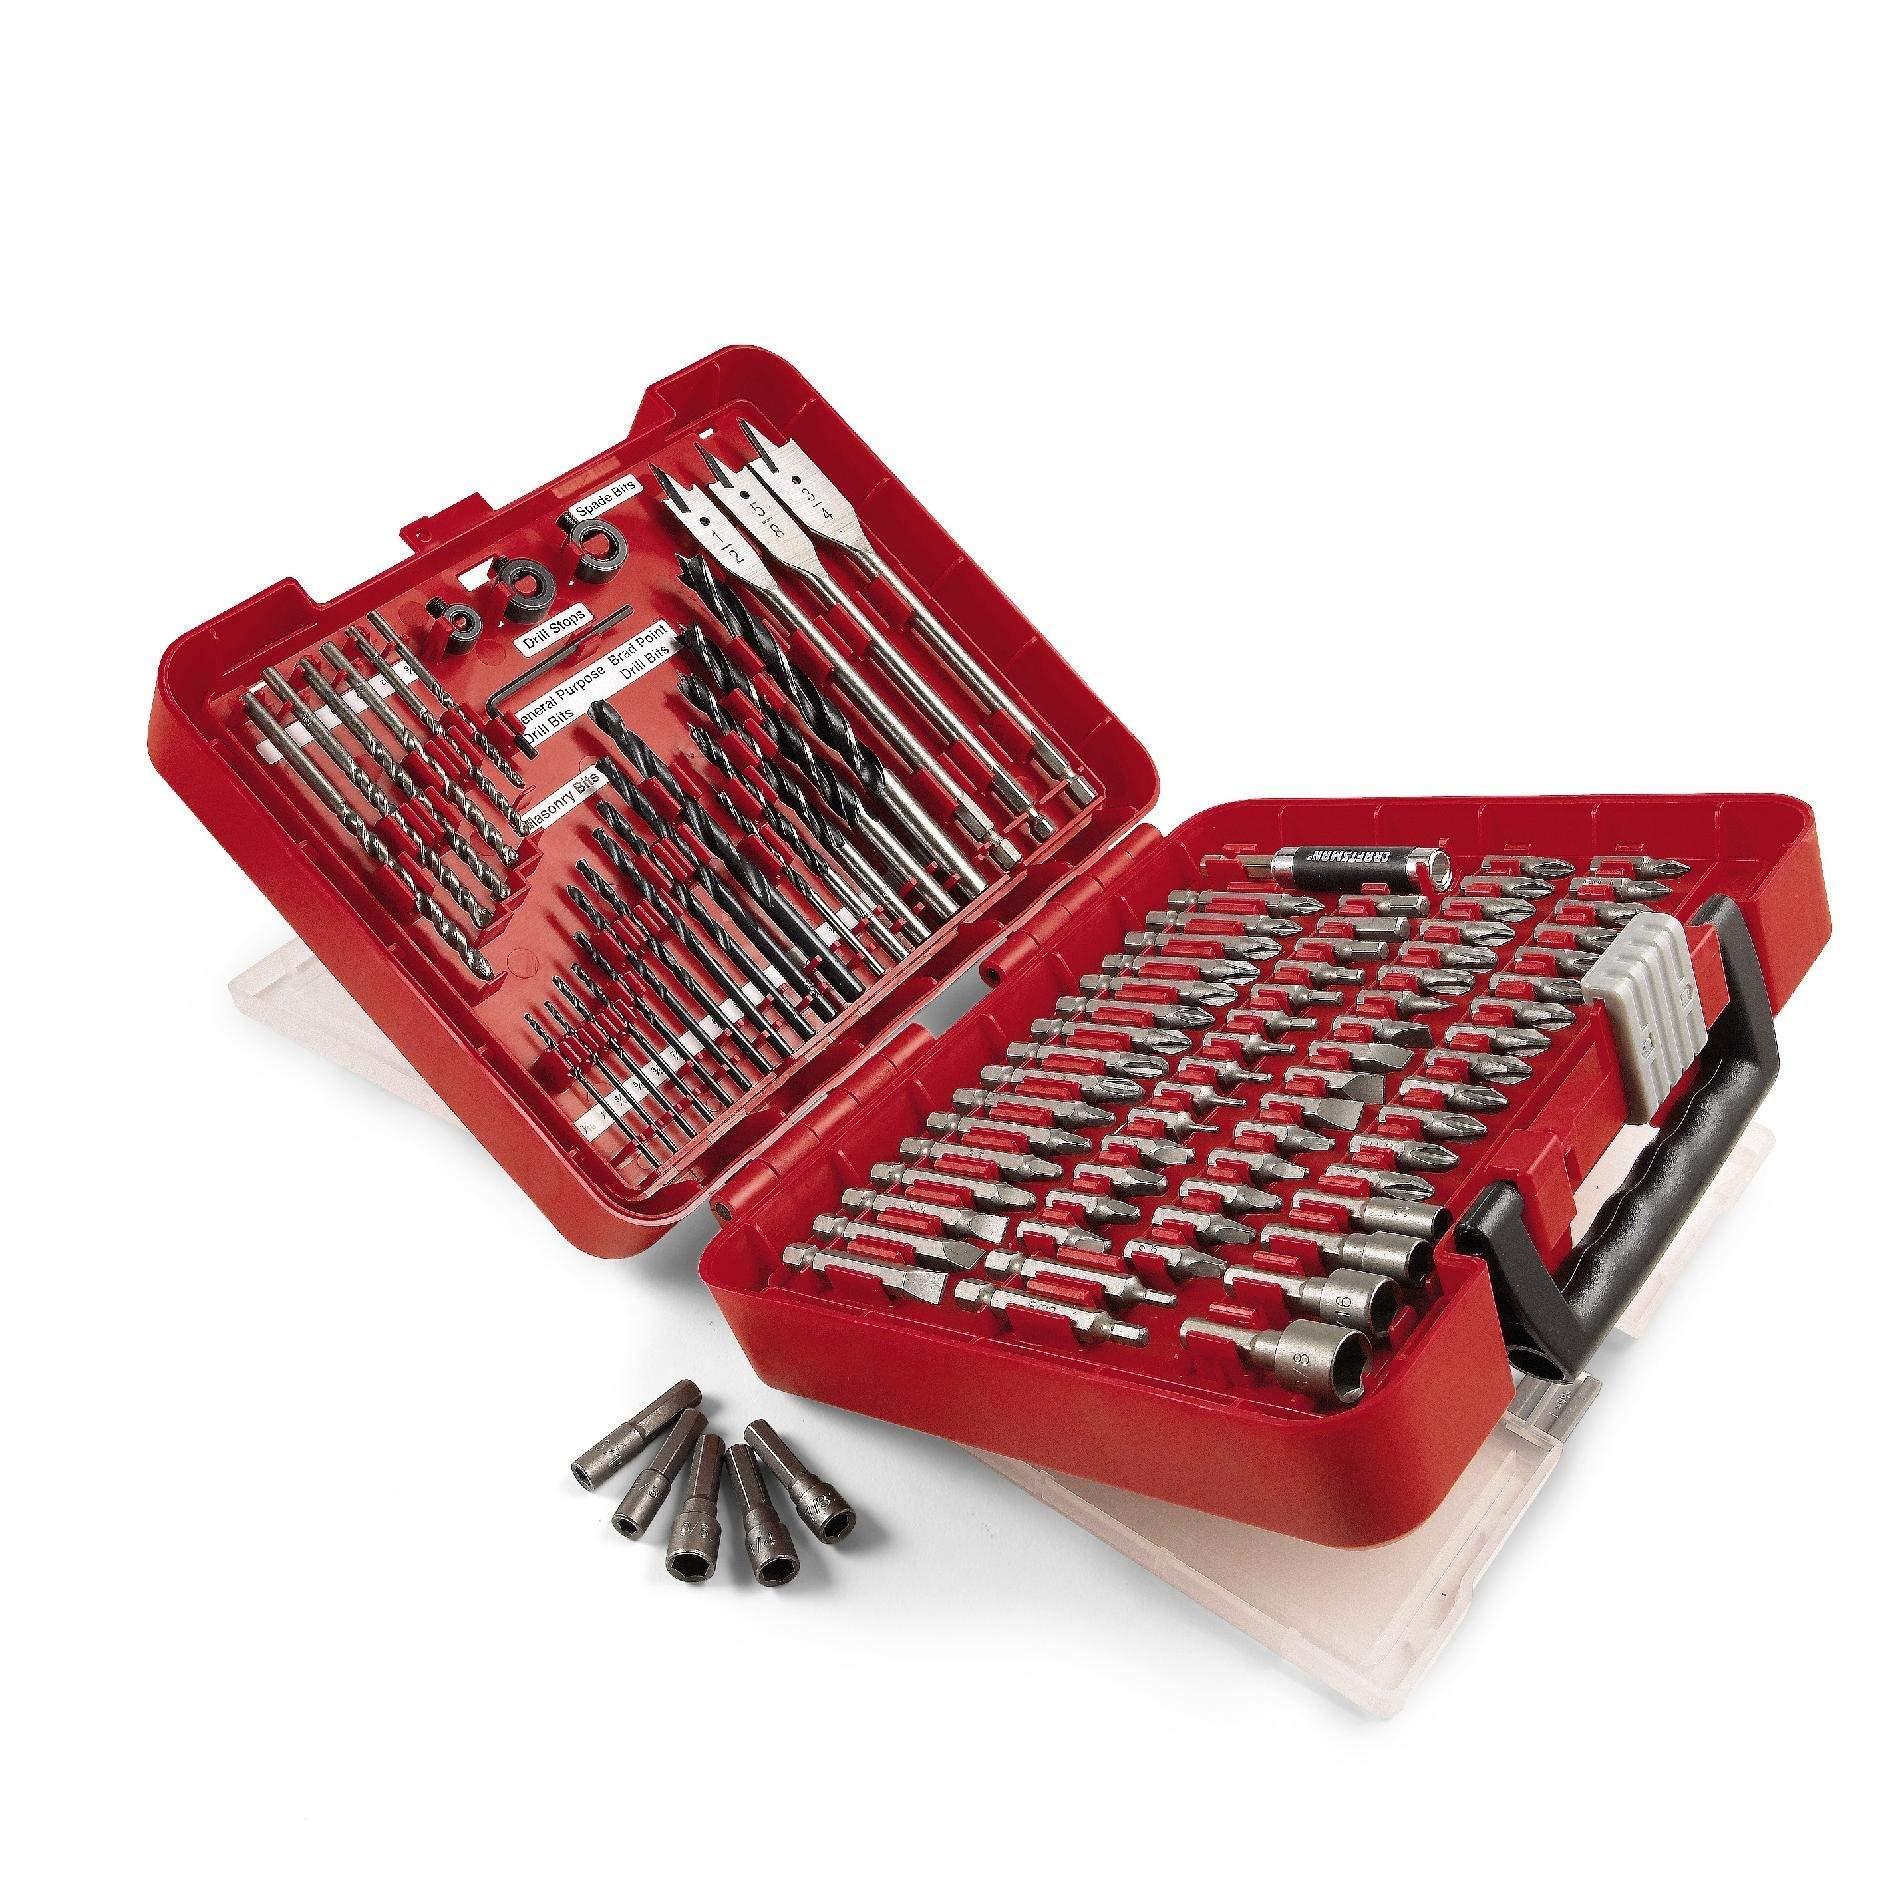 Craftsmen 100 Piece Drill Kit